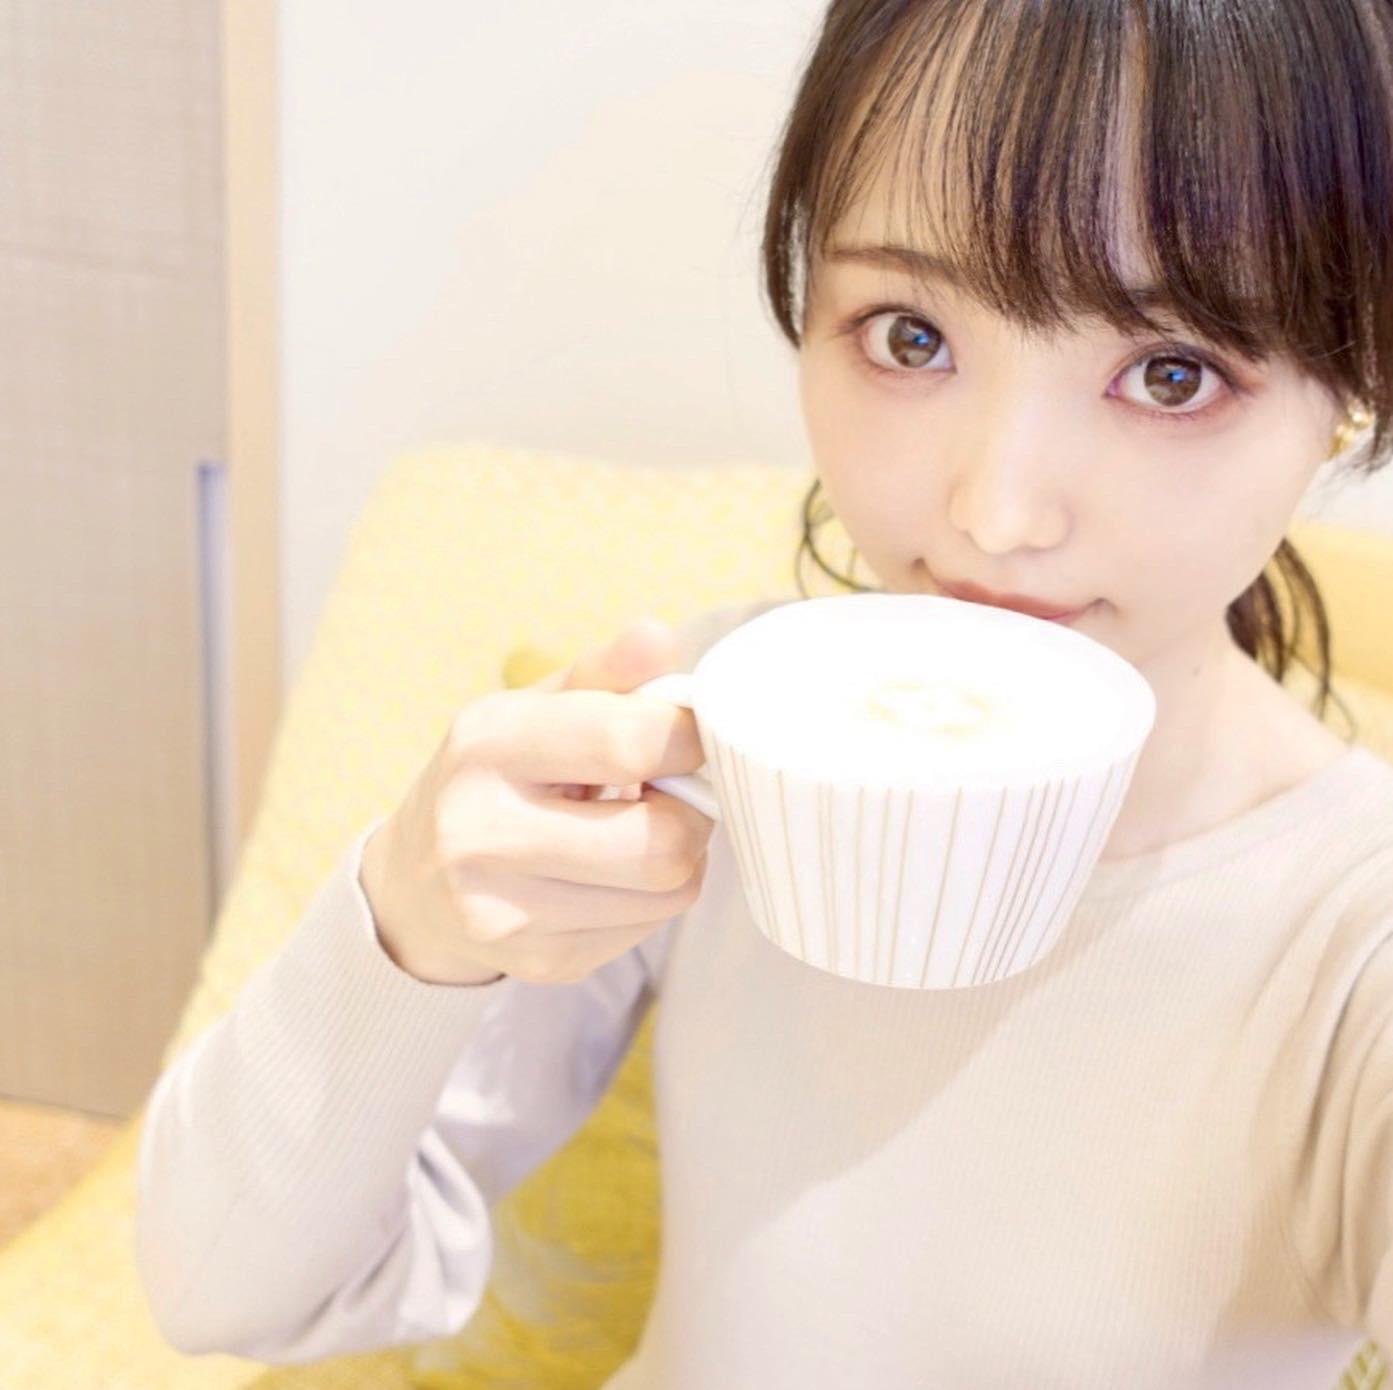 【大阪】世界初!ルイヴィトンのカフェ!?「LE CAFE V」に行ってみたら一番人気のミルフィーユが大きすぎる!?ブルジョアな気分になるカフェに潜入!!!_5